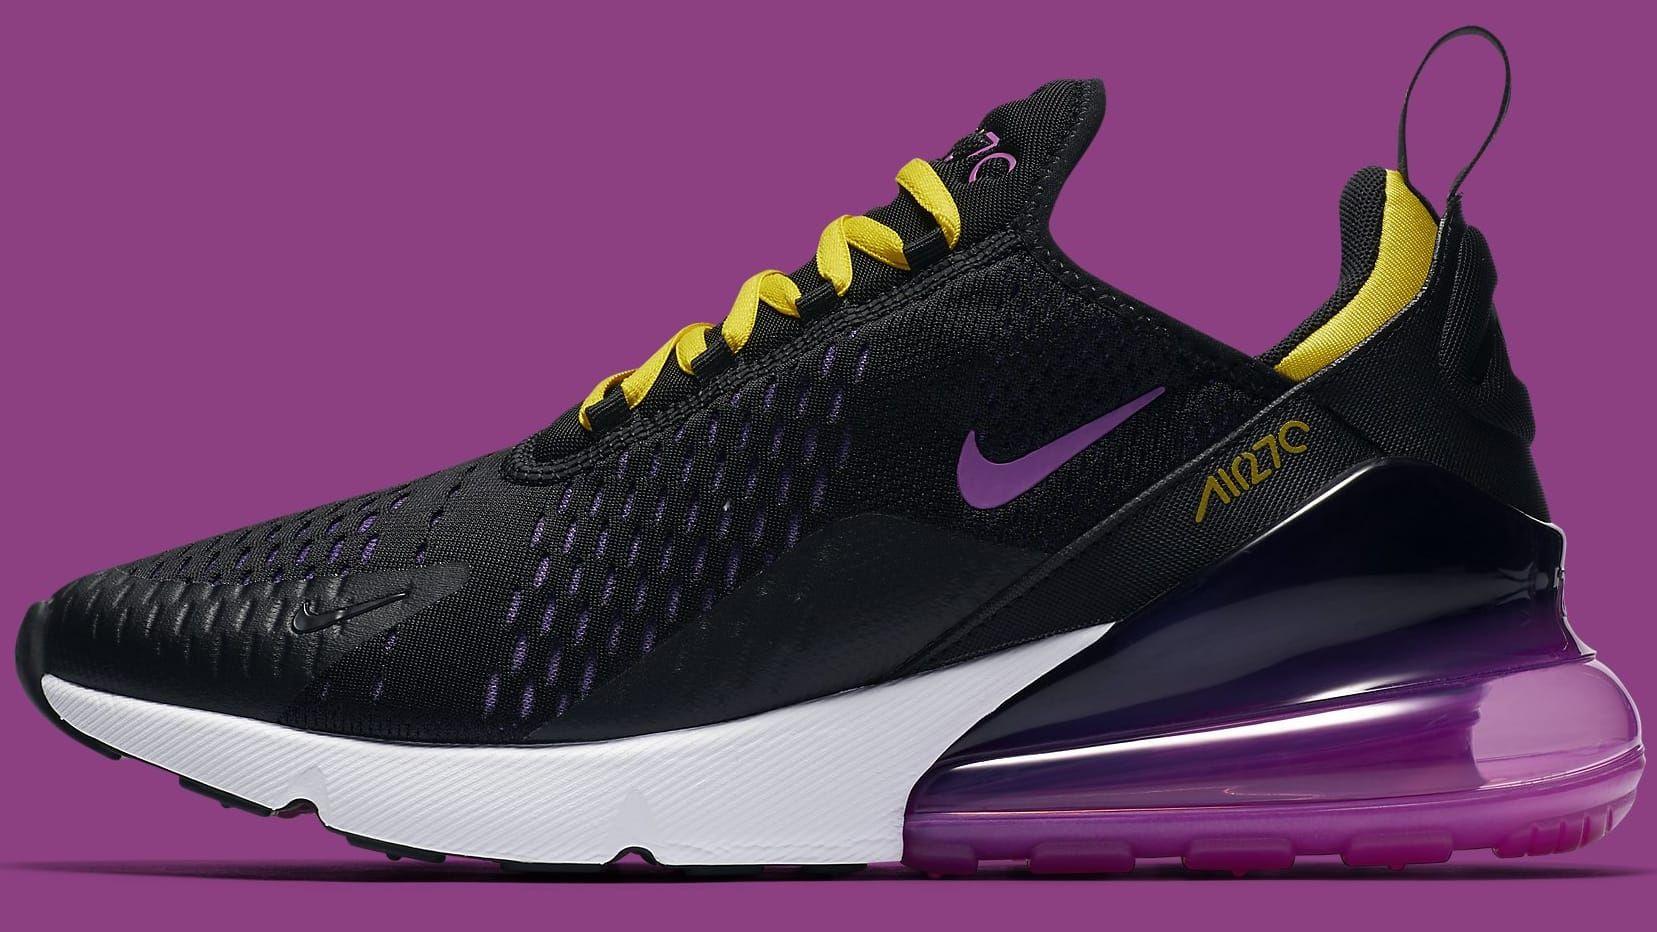 44289f44af50e Nike Air Max 270